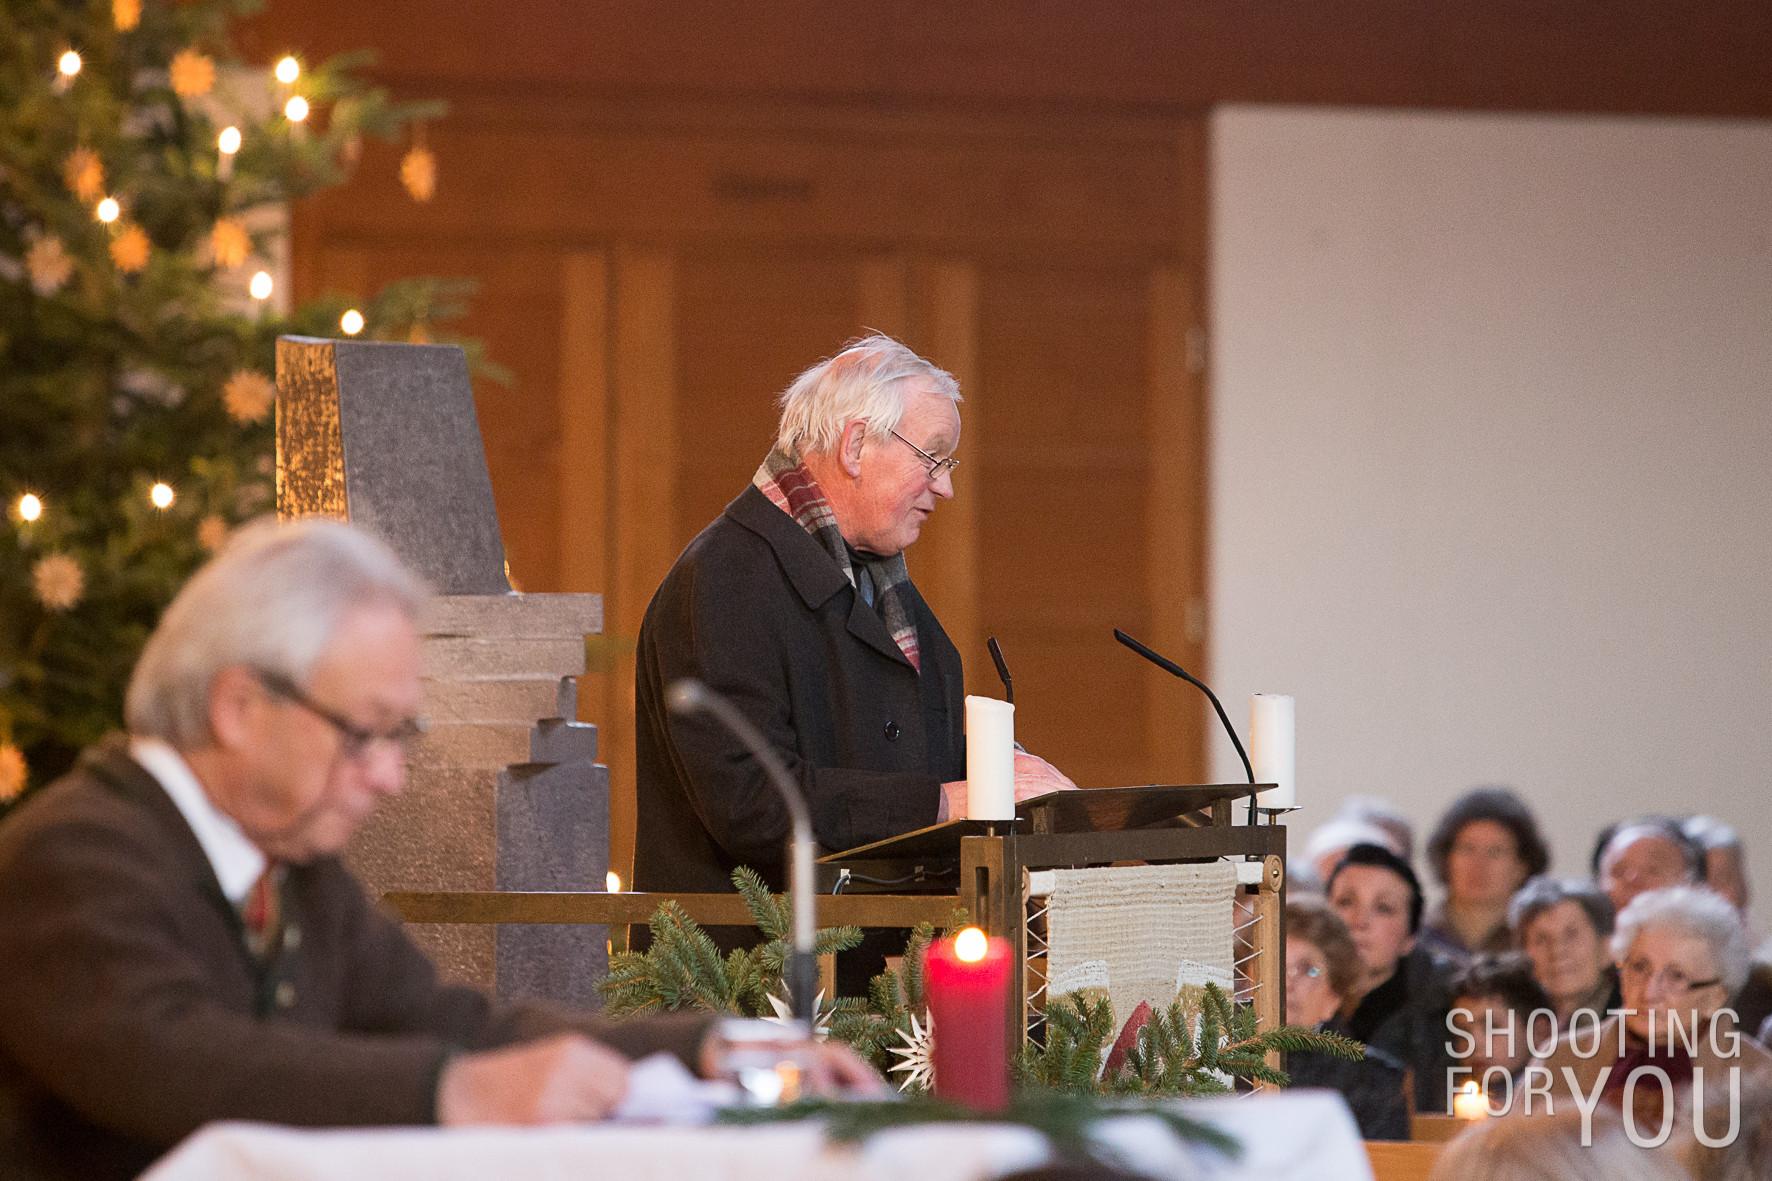 Der Hausherr Pfarrer Georg Egger begrüßt das Publikum